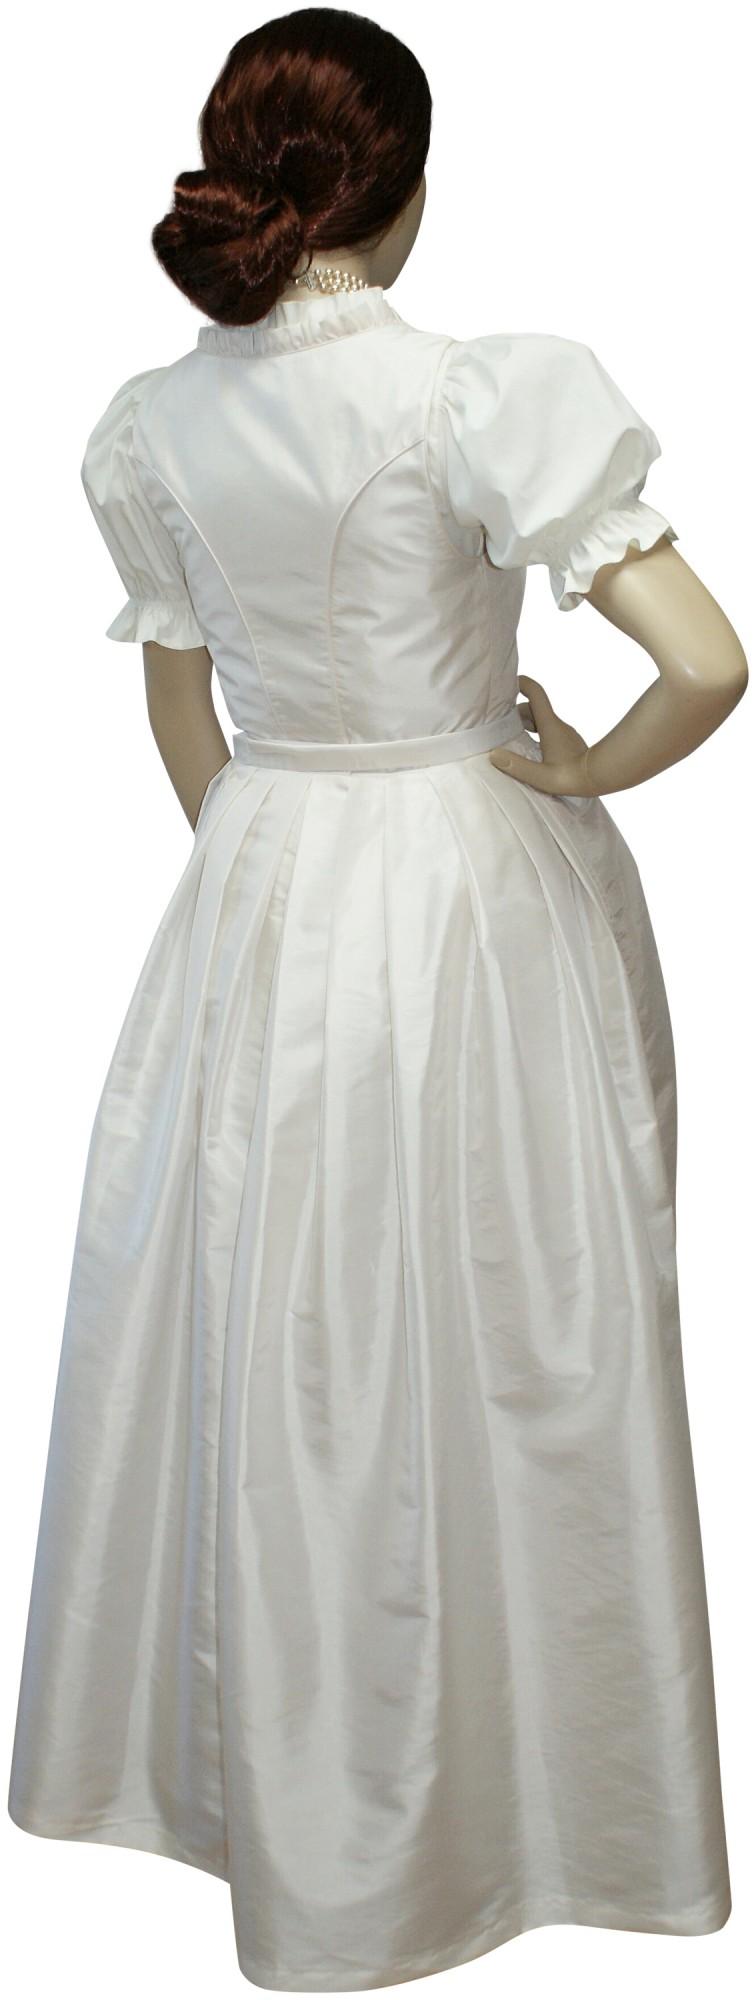 34 50 hochzeitskleid braut dirndl brautkleid hochzeit. Black Bedroom Furniture Sets. Home Design Ideas